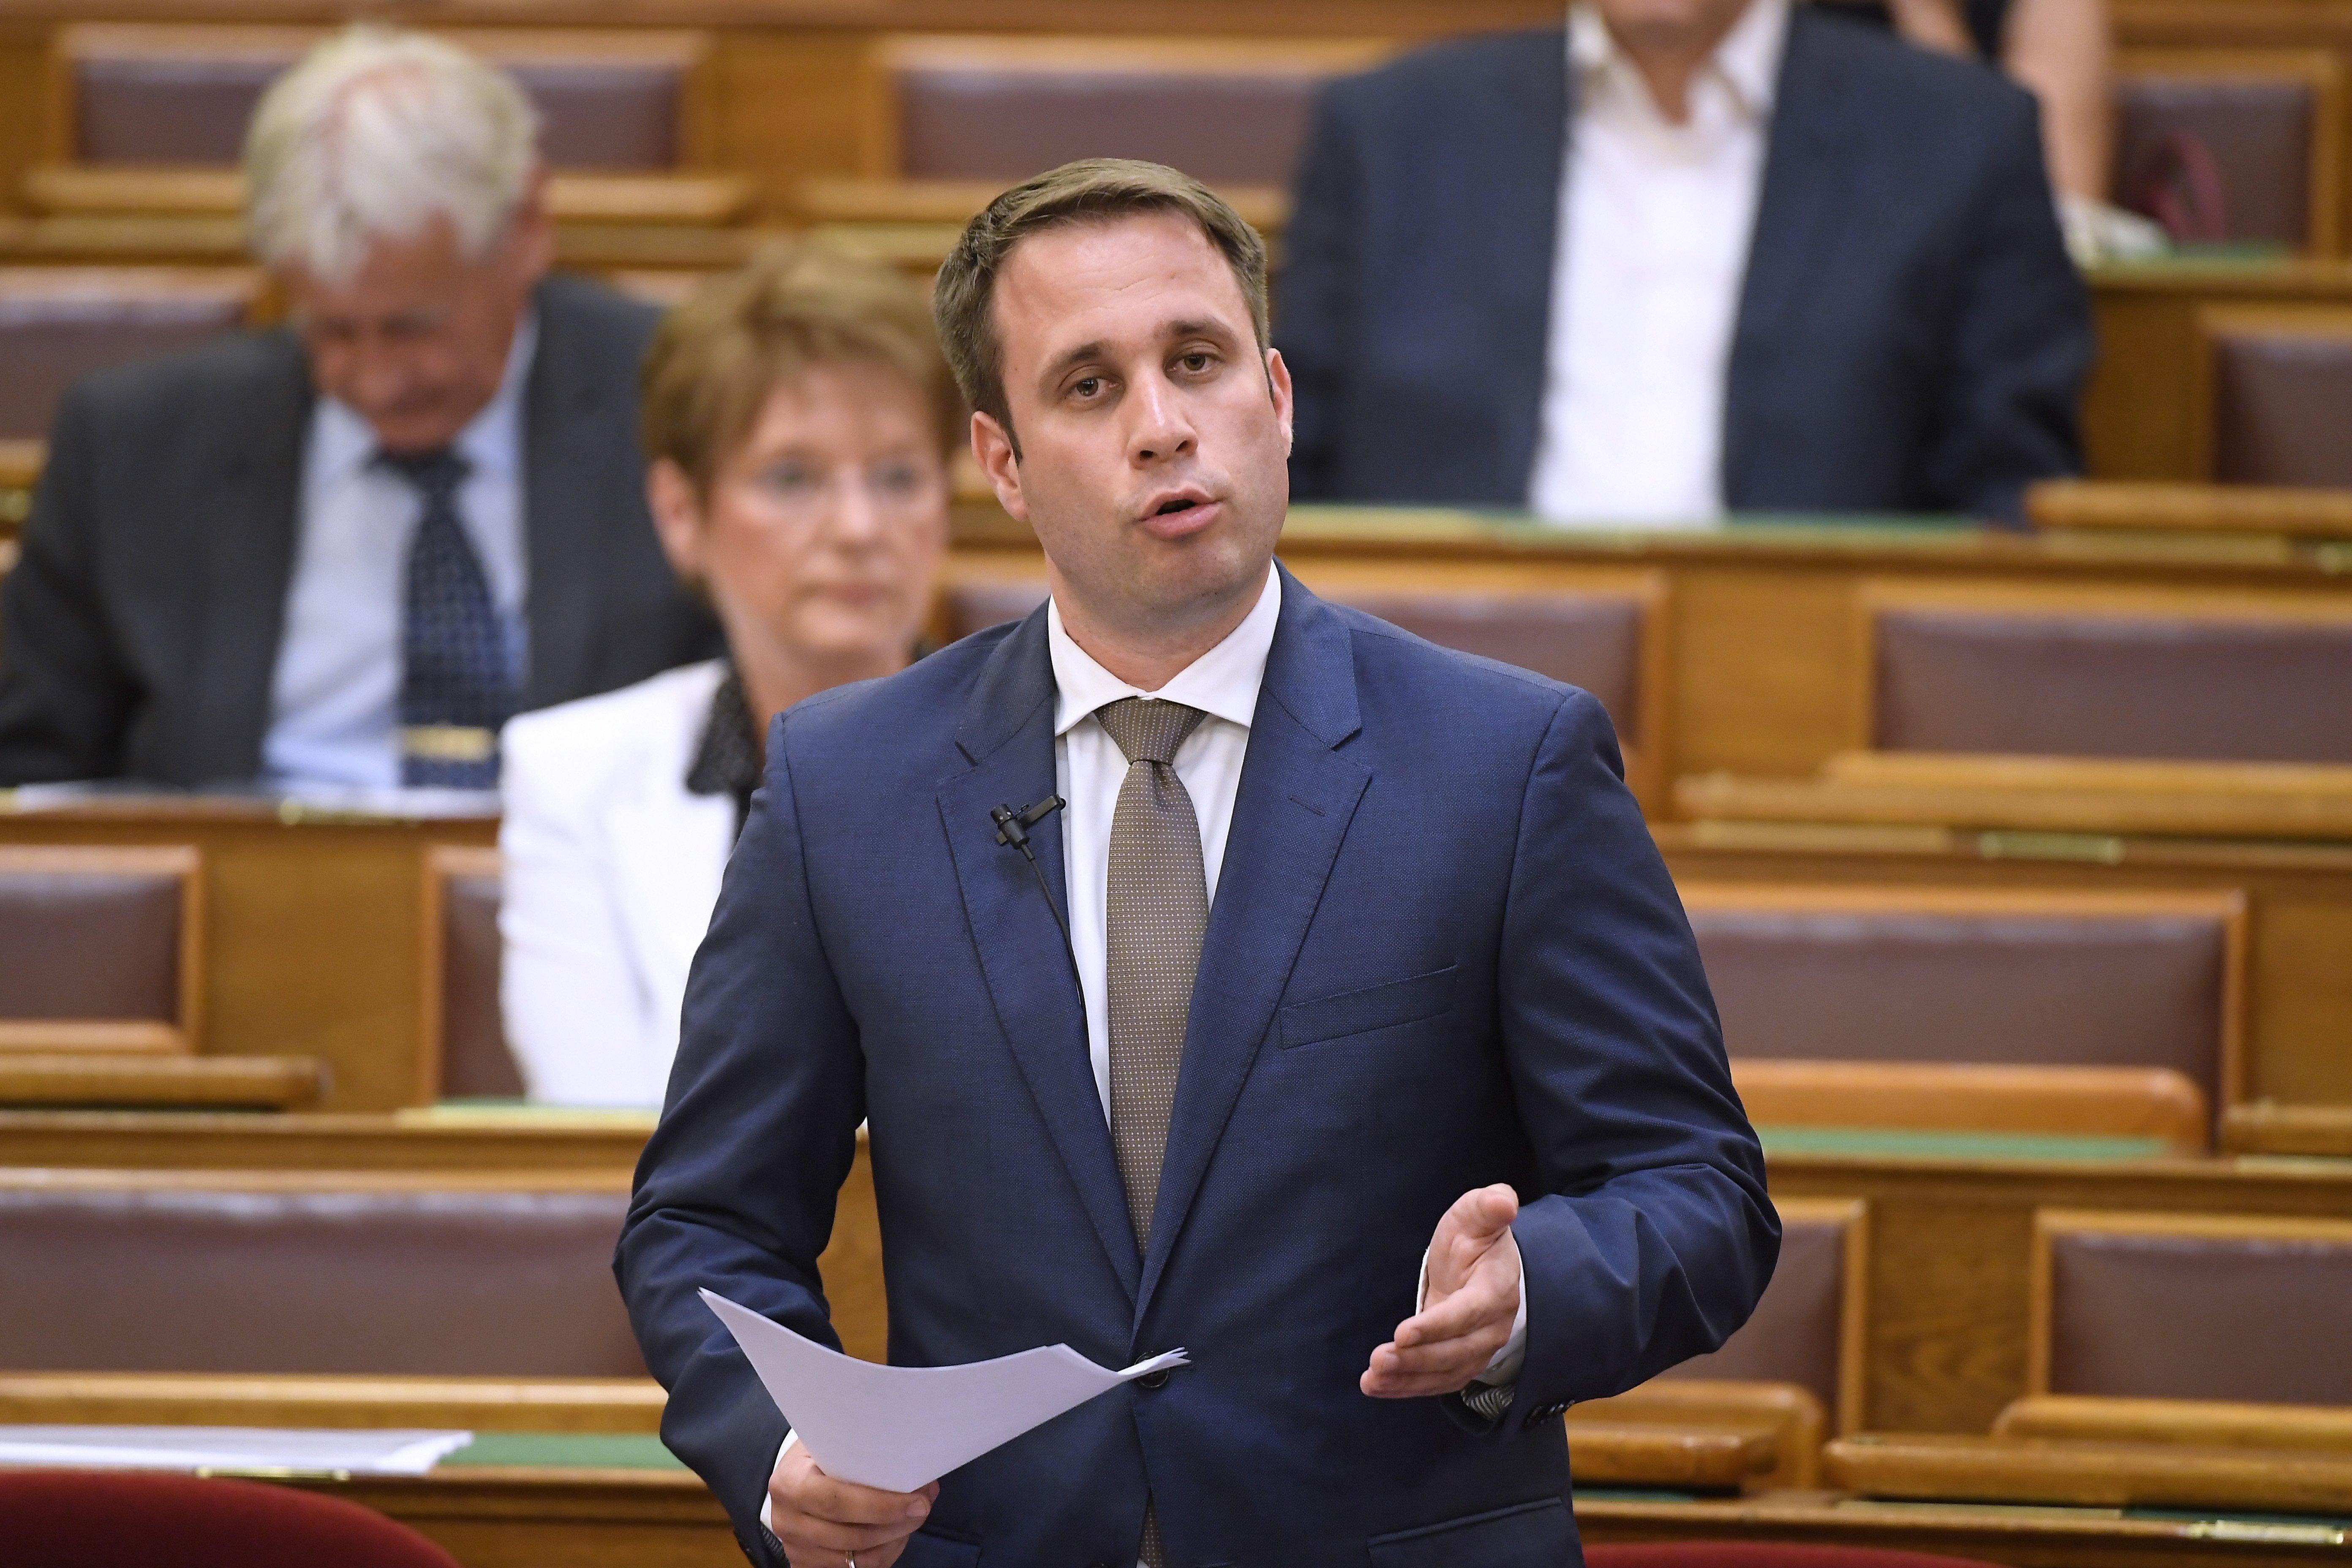 A Rogánnak dolgozó Dömötör Csaba nem válaszolt a letelepedési kötvényekről szóló kérdésre, mondván, azokról a parlament gazdasági bizottsága döntött